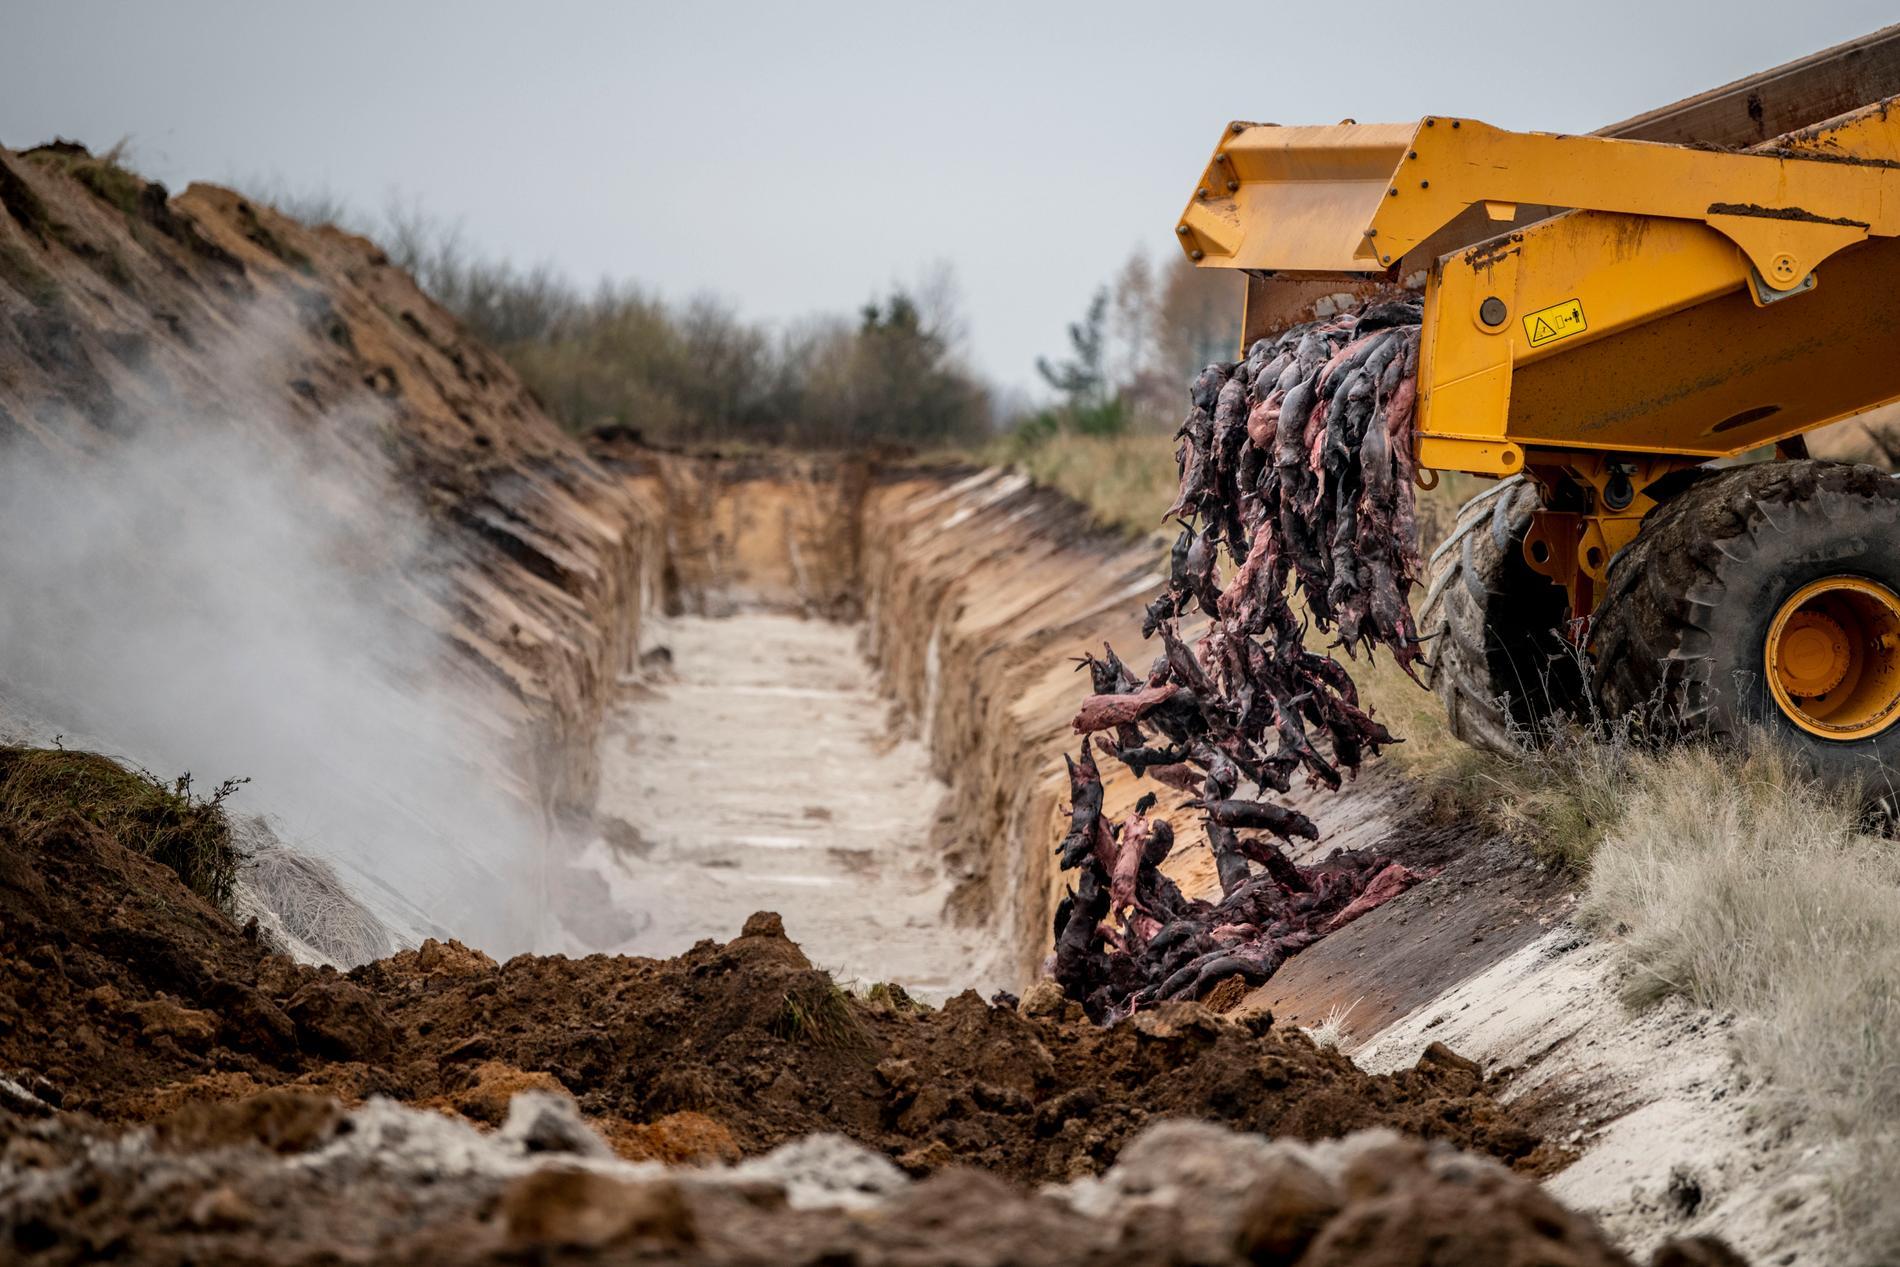 Döda minkar grävdes ner i Danmark efter beslutet att beståndet i landet. Senare fick de grävas upp och skickas till förbränning istället. Arkivbild.